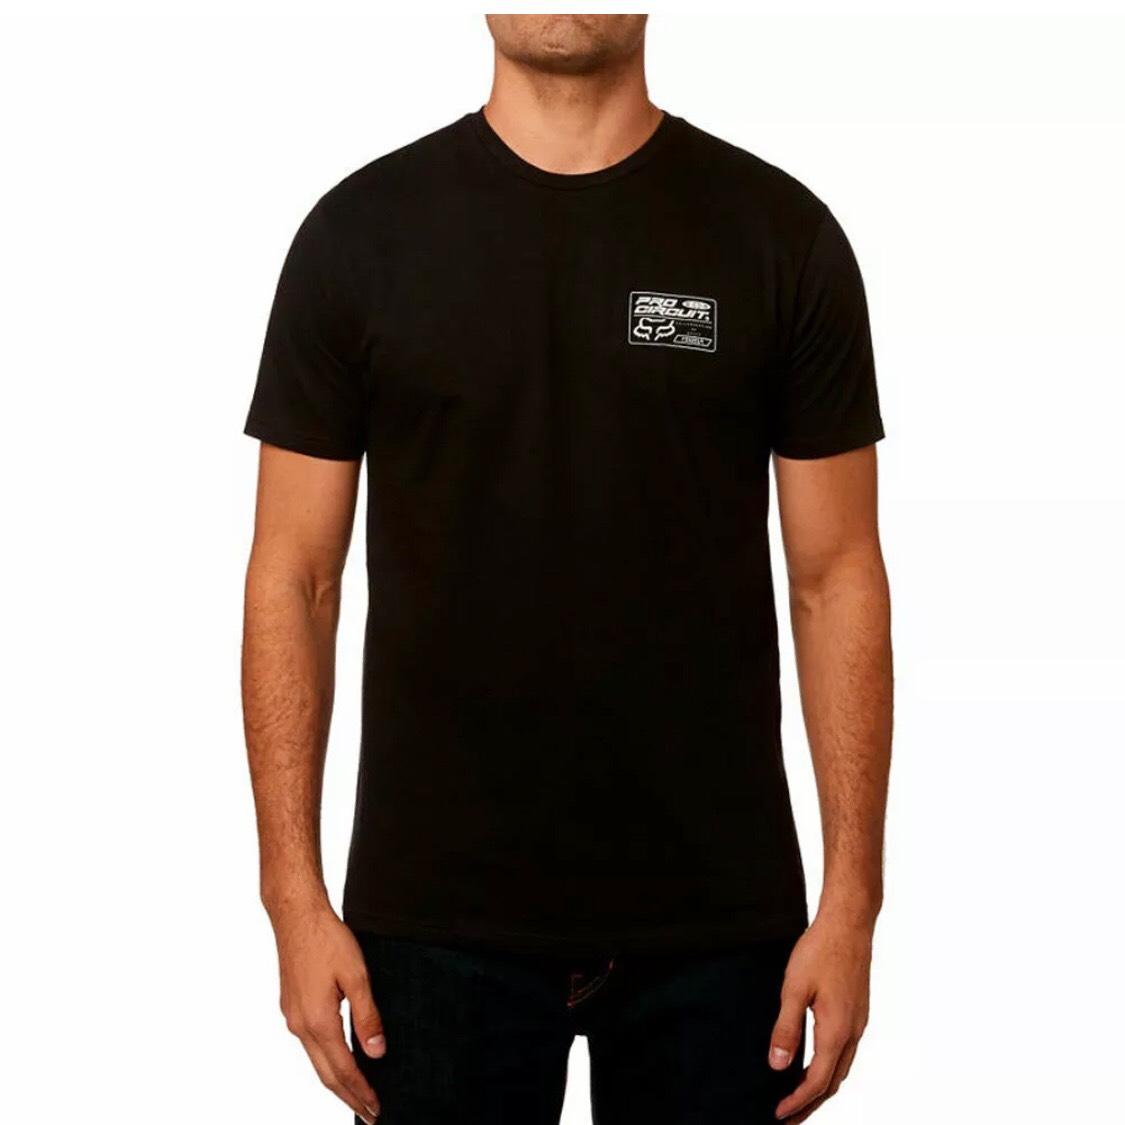 FOX フォックス Tシャツ ウェア 各サイズ モトクロス オフロード